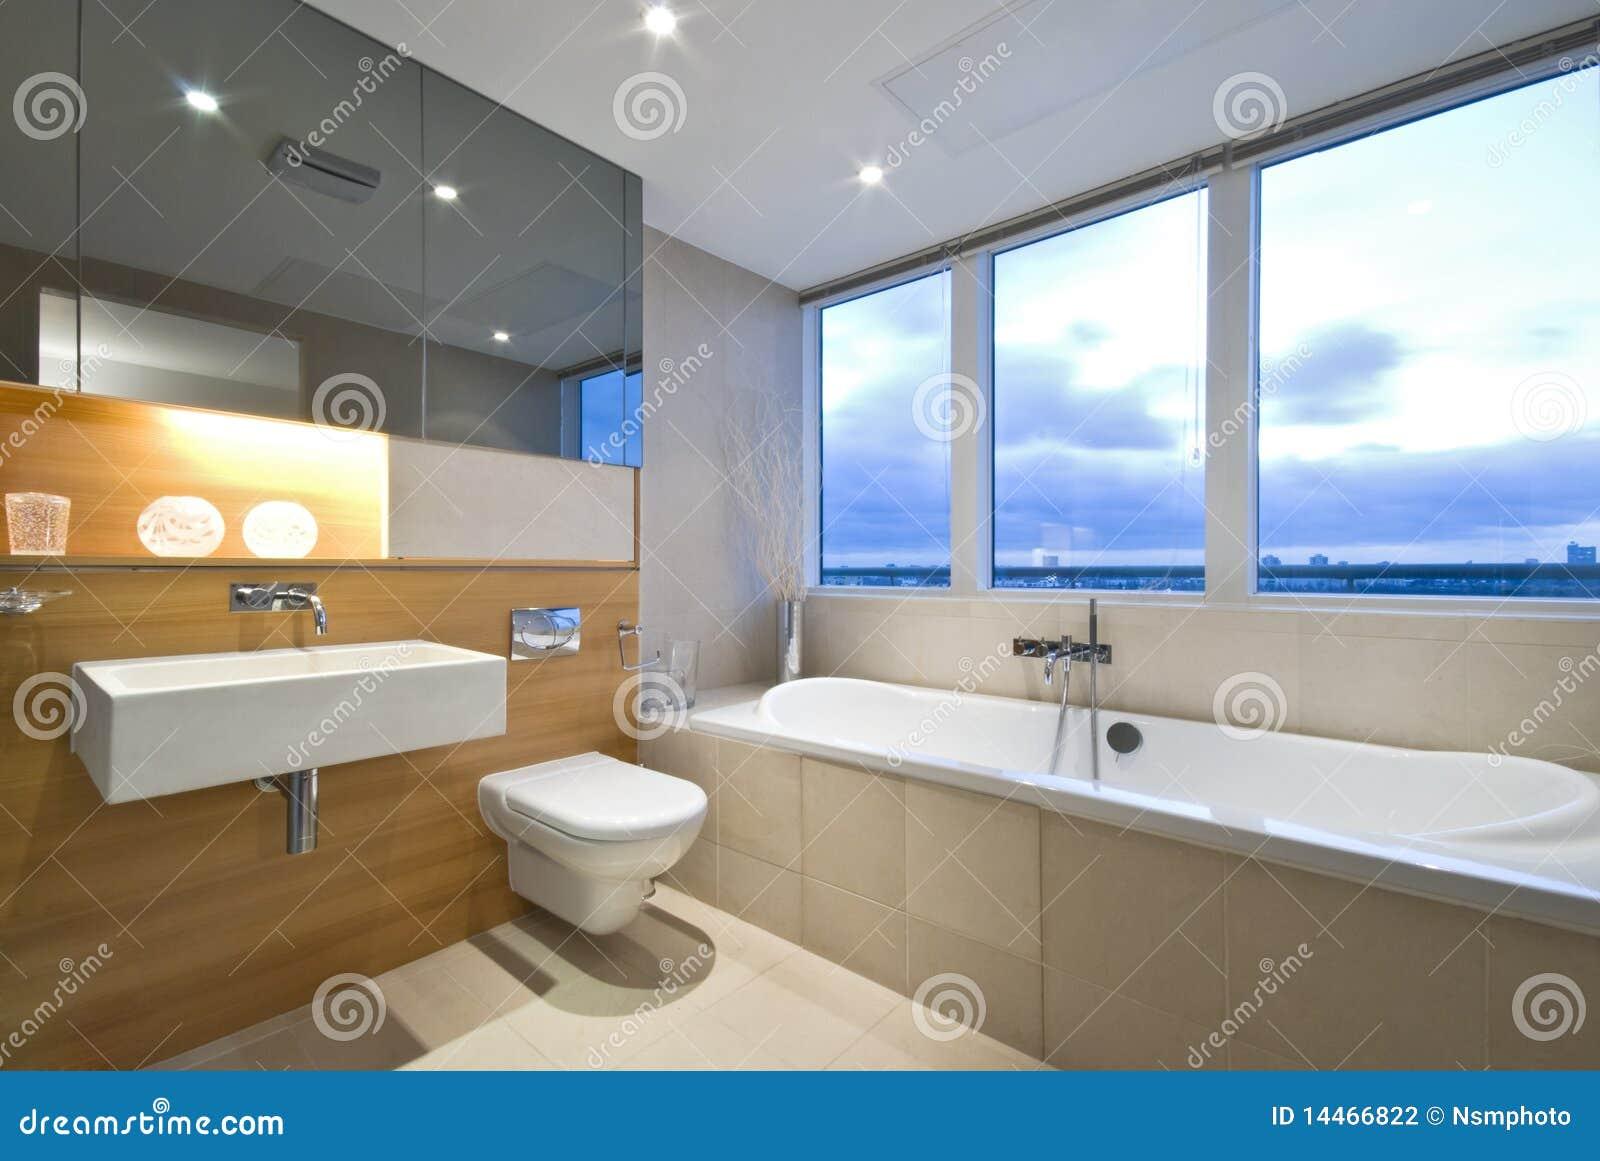 Cuarto de ba o moderno de la en habitaci n con la ventana for Banos grandes modernos